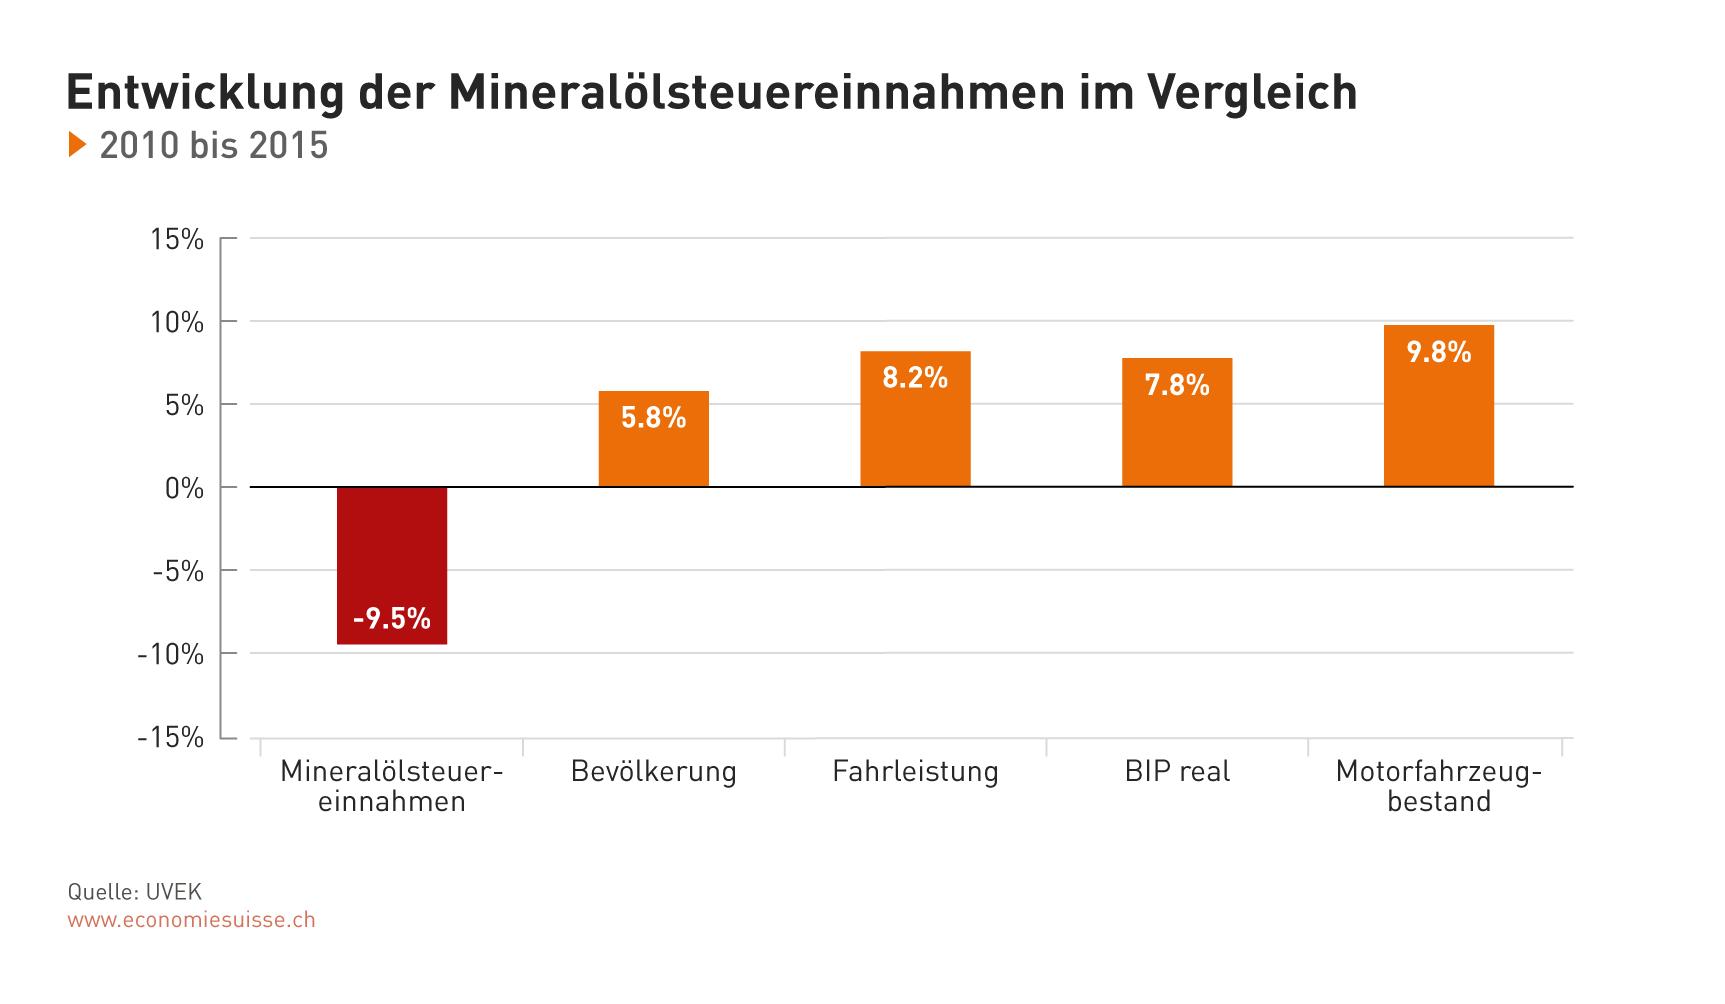 Beste Excel Steuervorlage Zeitgenössisch - Beispiel Wiederaufnahme ...